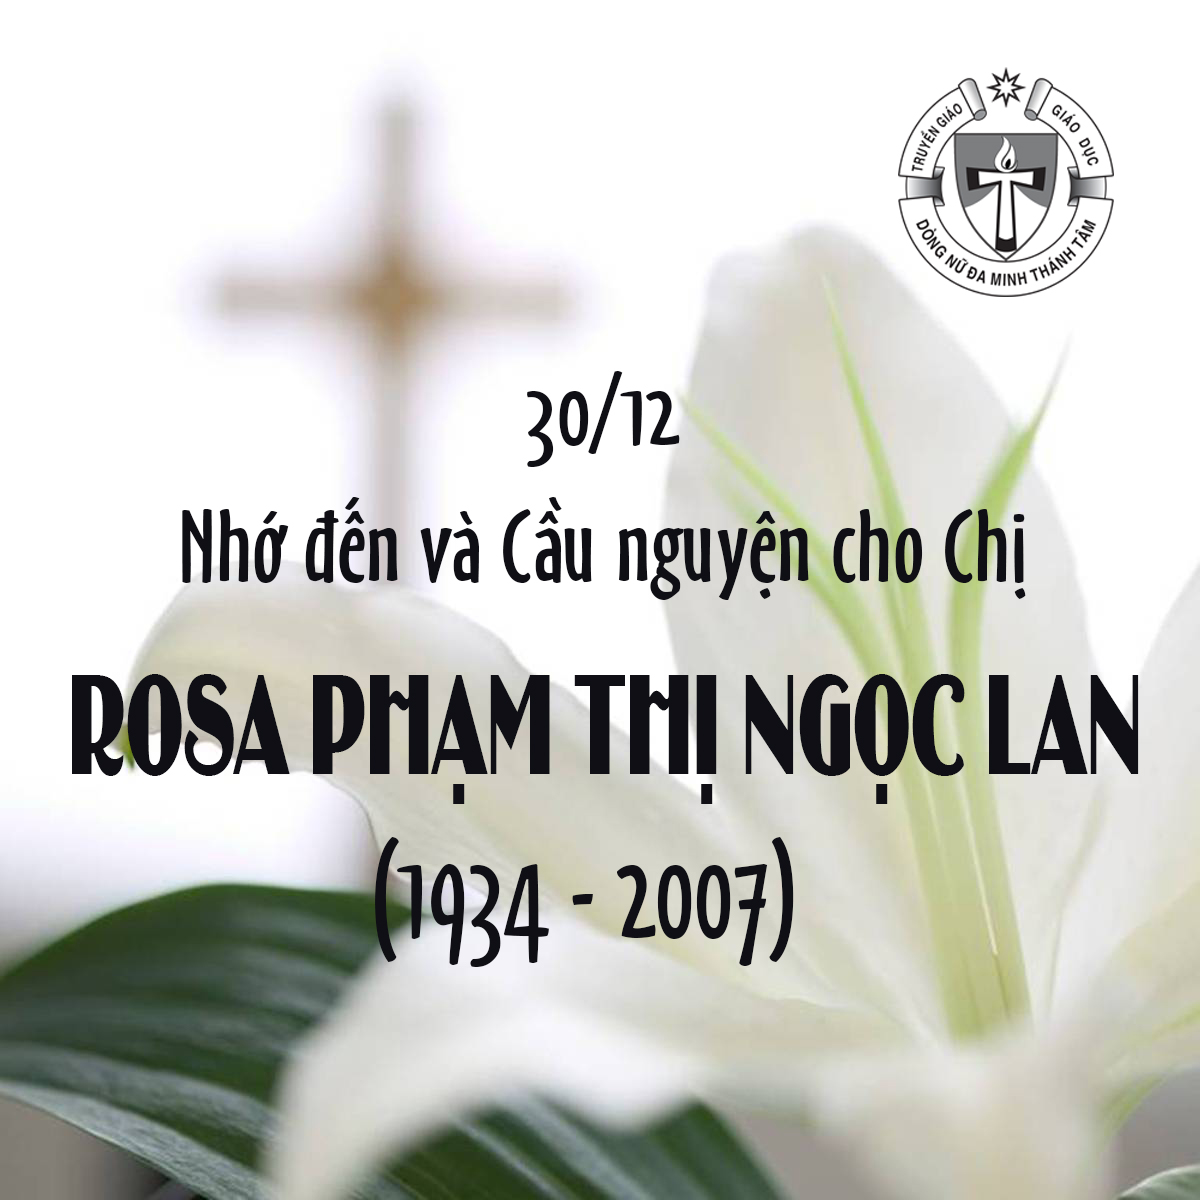 Giỗ Chị ROSA PHẠM THỊ NGỌC LAN (1934 - 2007)